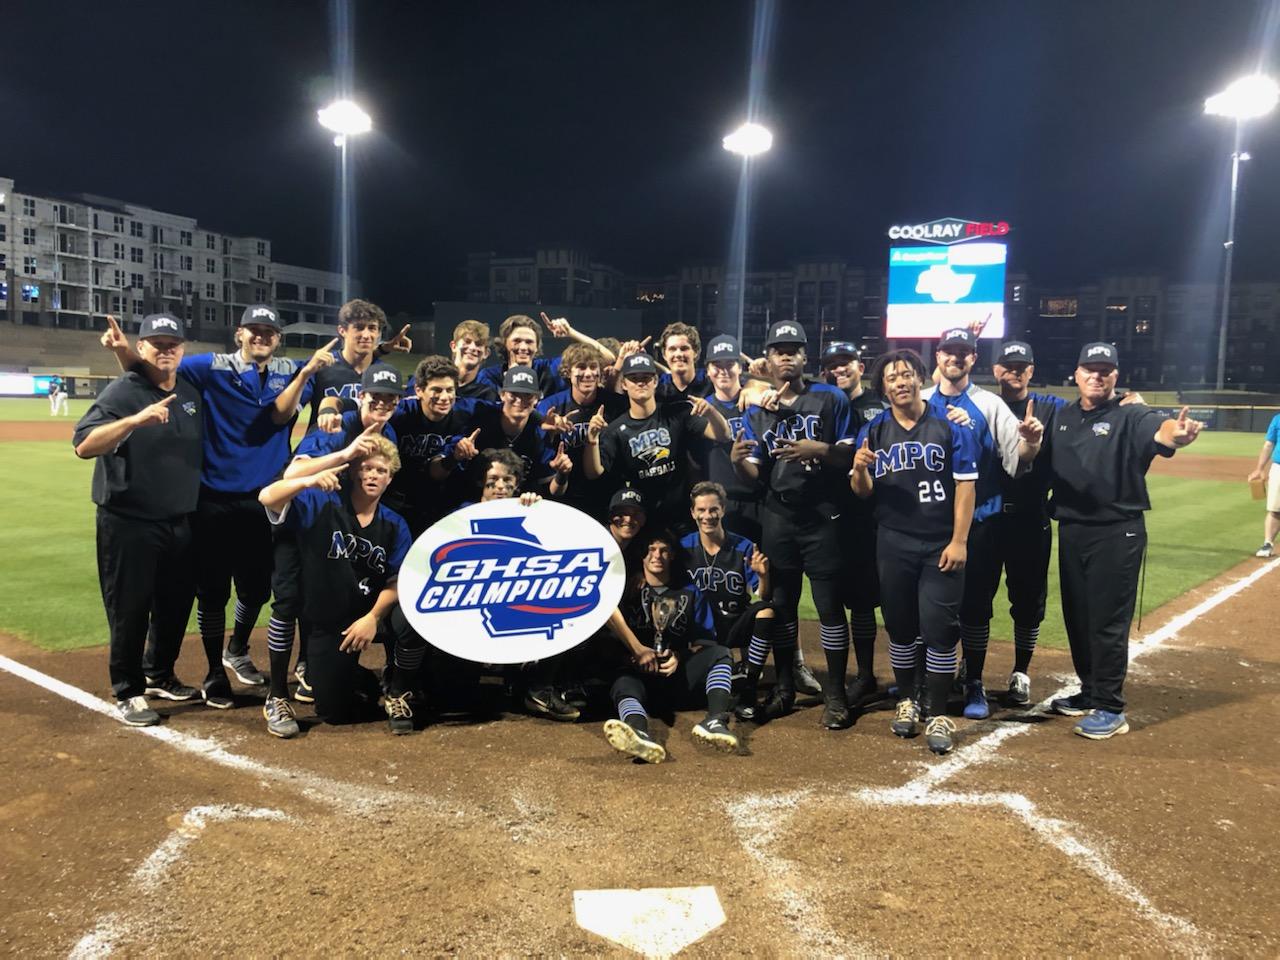 【祝優勝】群大野球部と交流あるトンプソン氏が米高校野球大会を制覇